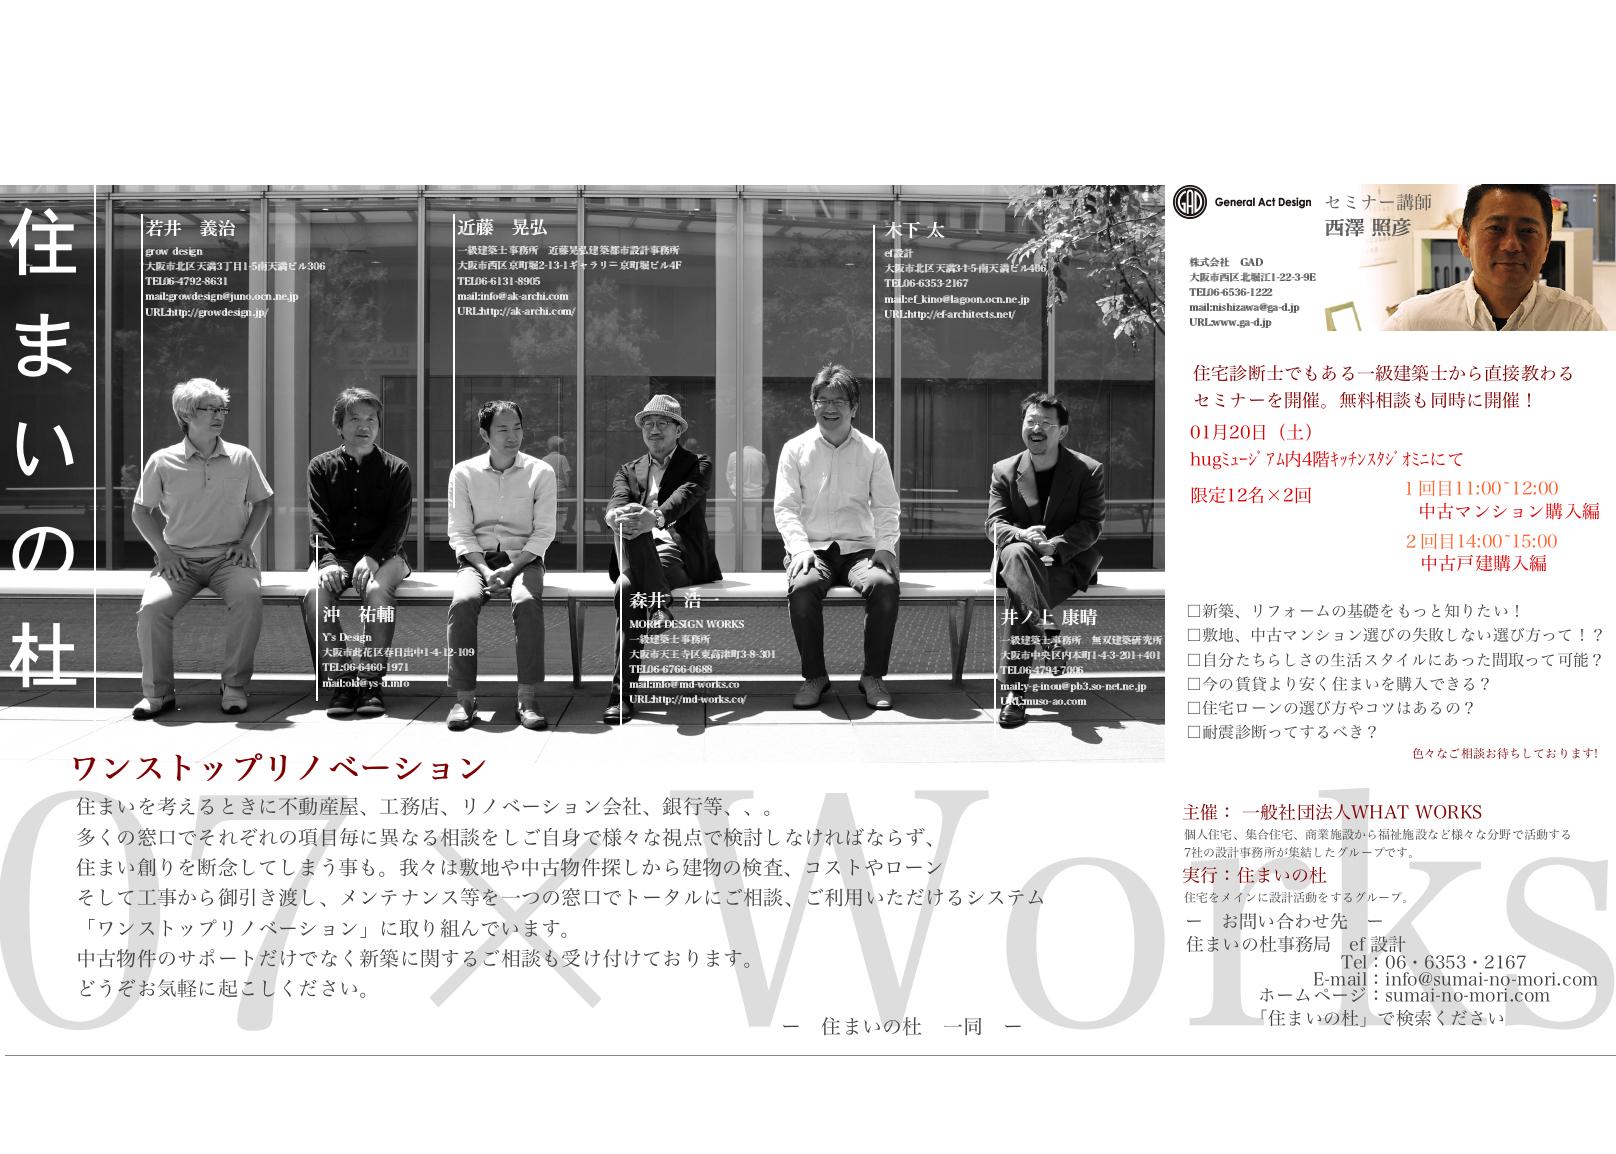 建築家,設計事務所,仕事展,相談会,大阪,京都,神戸,リノベーション